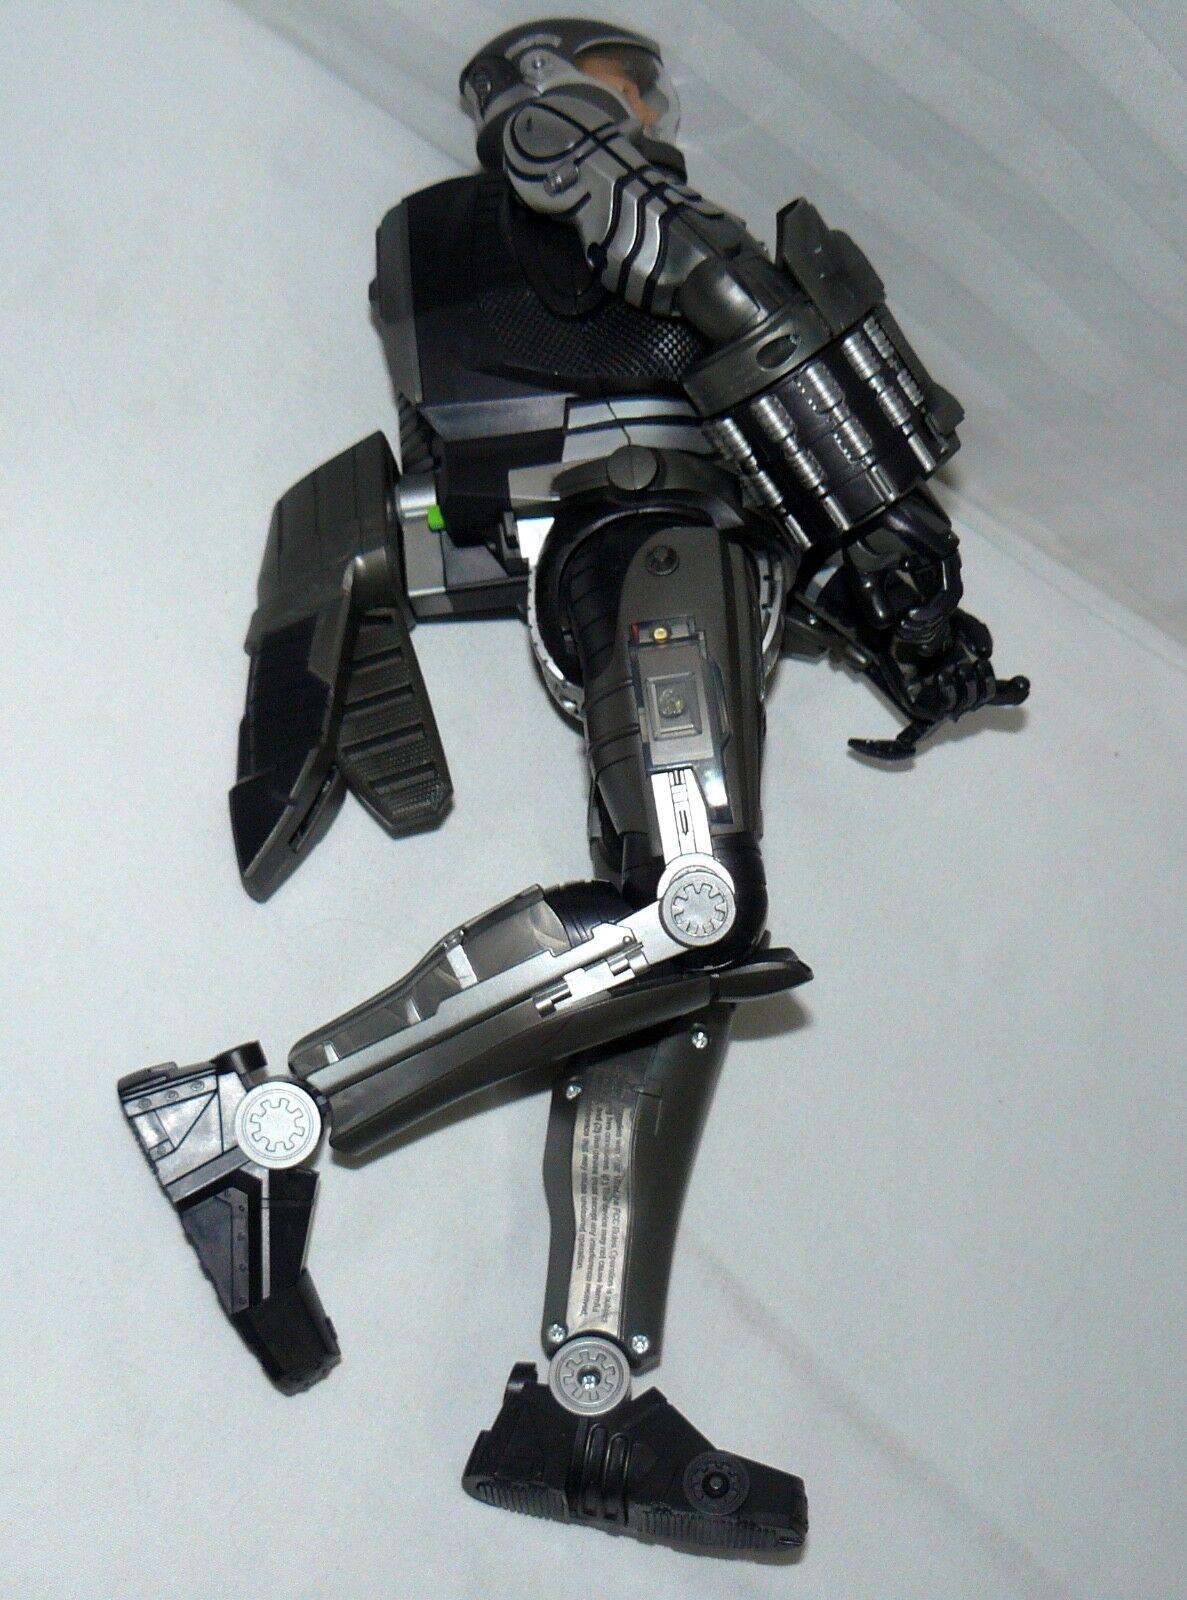 2009 hasbro robocop batteriebetriebene hand action - figur mit spielzeug.